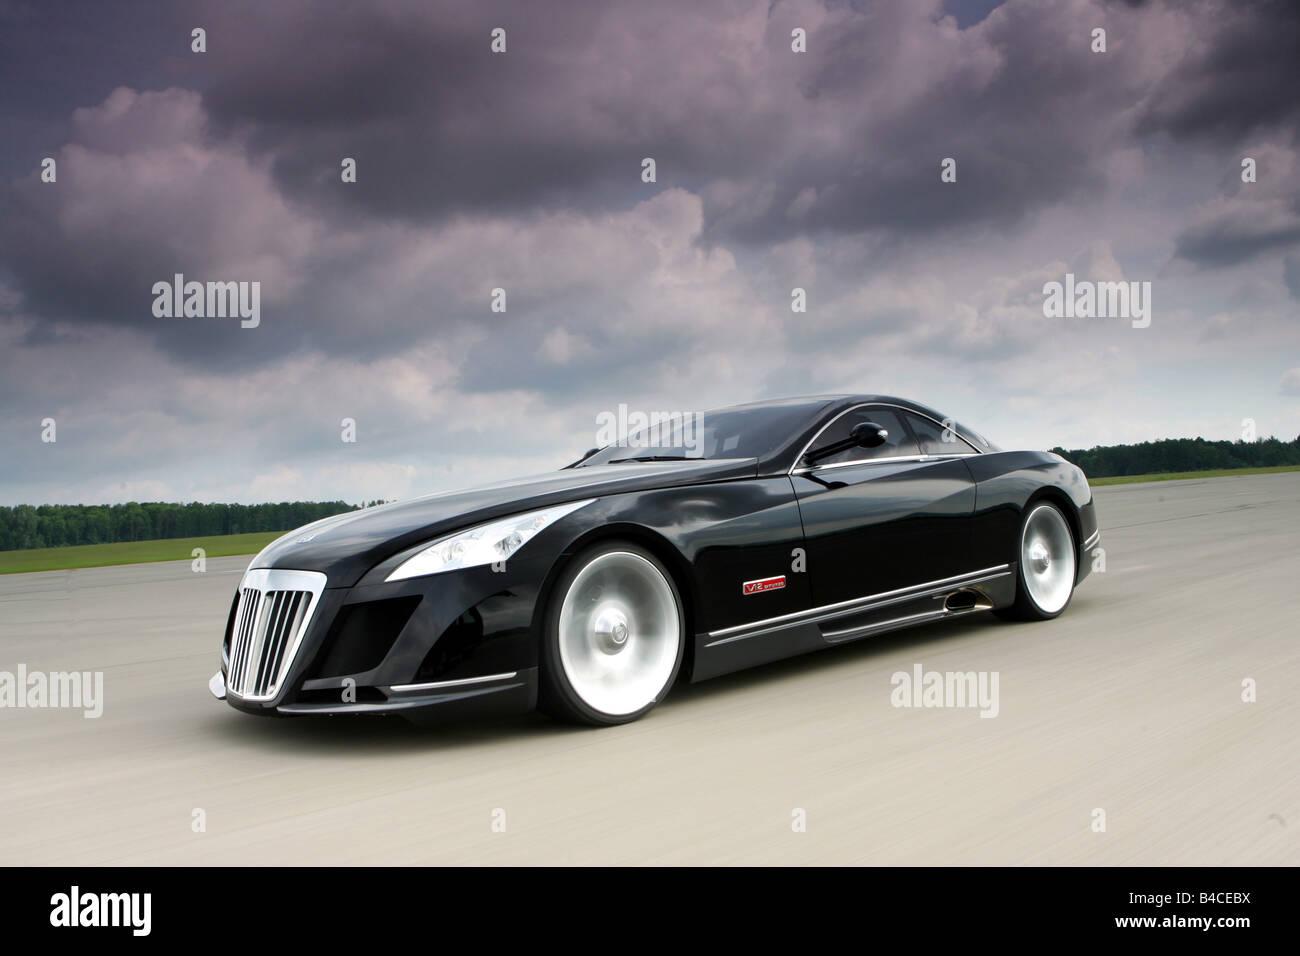 car, maybach exelero fulda, coupe/coupe, model year 2005-, black